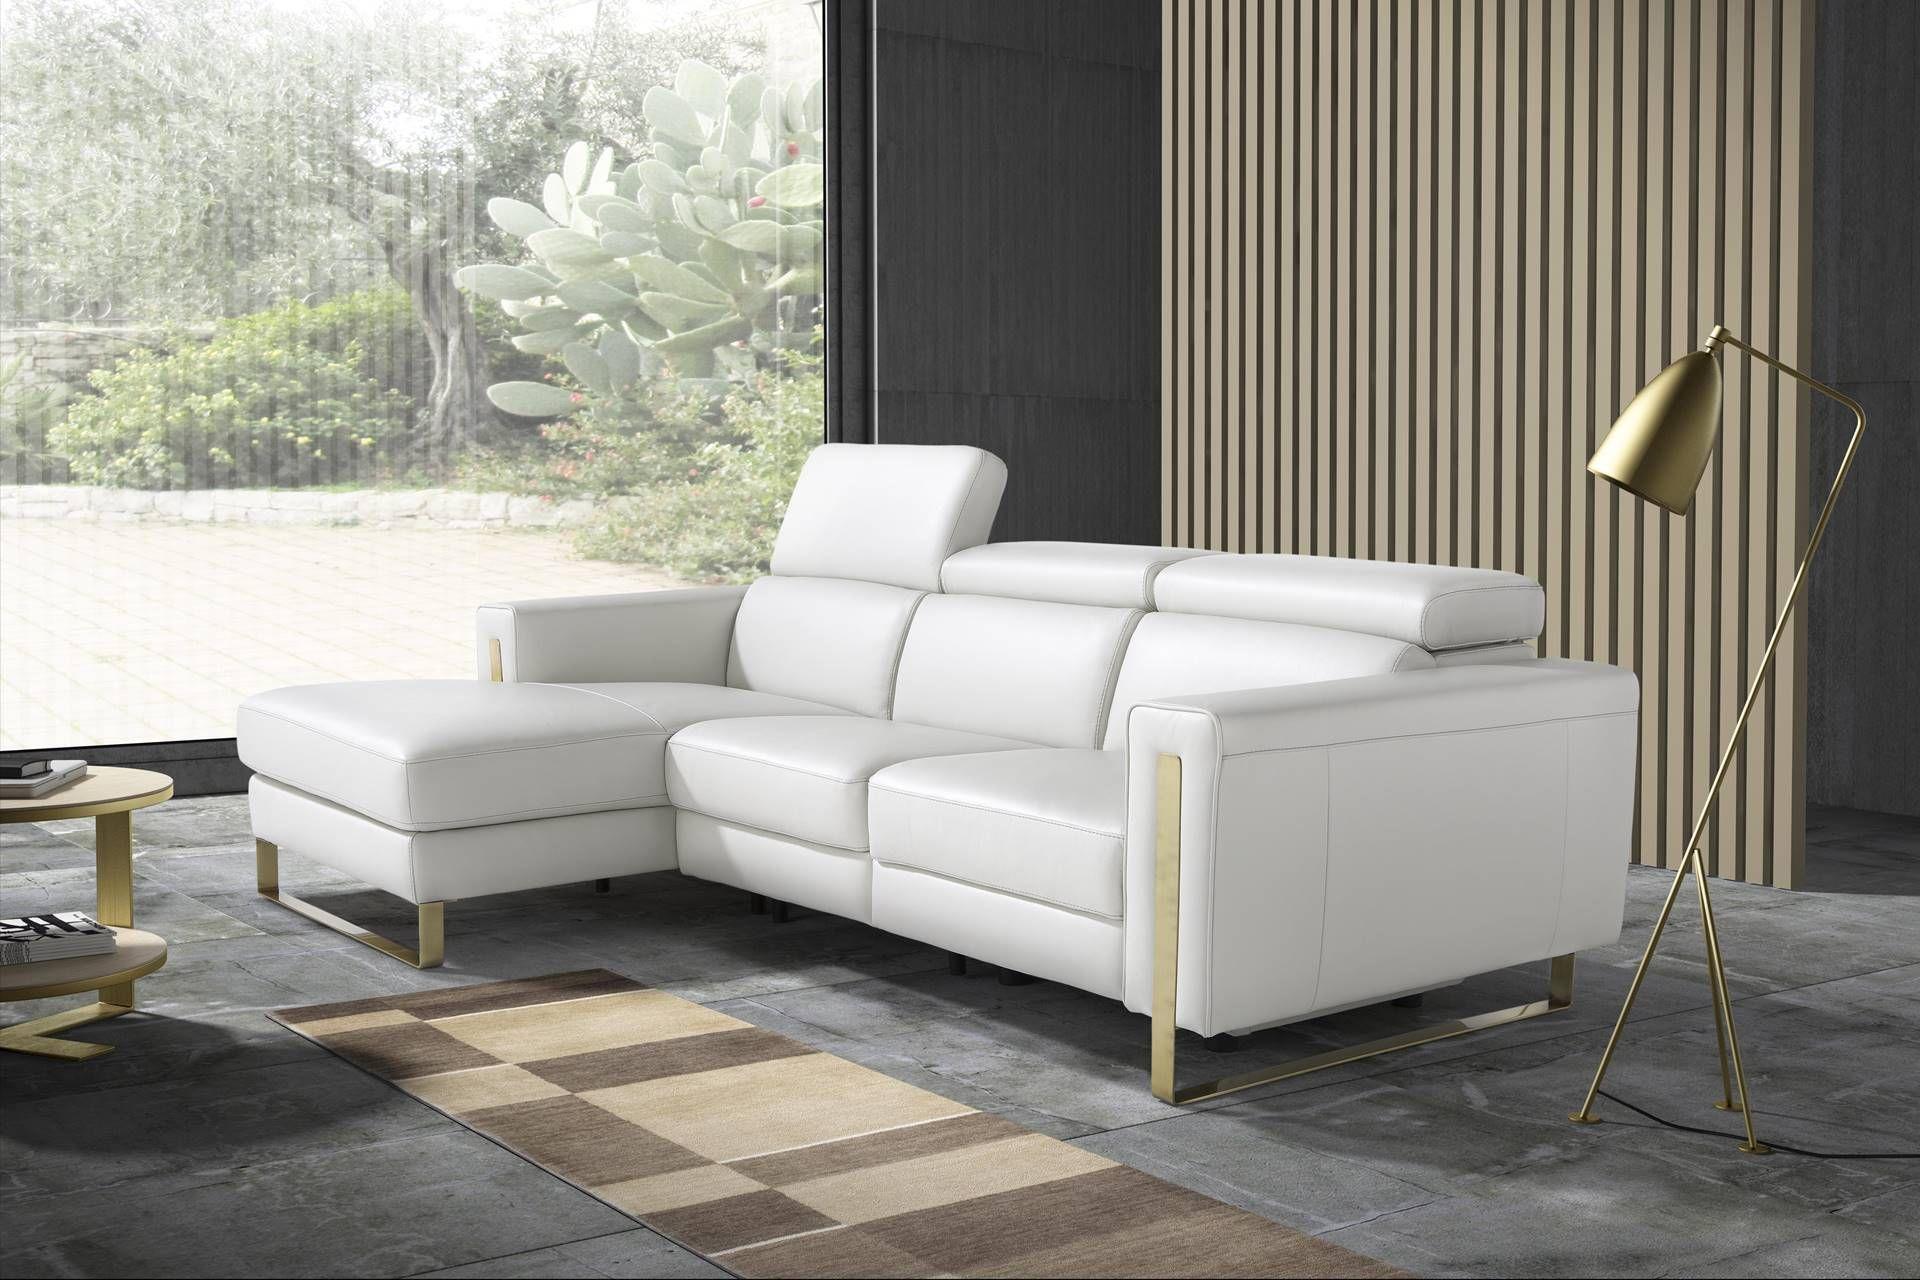 Ce Canapé De Relaxation Pied Métal Se Décline Dans De ... encequiconcerne Canape Relax Design